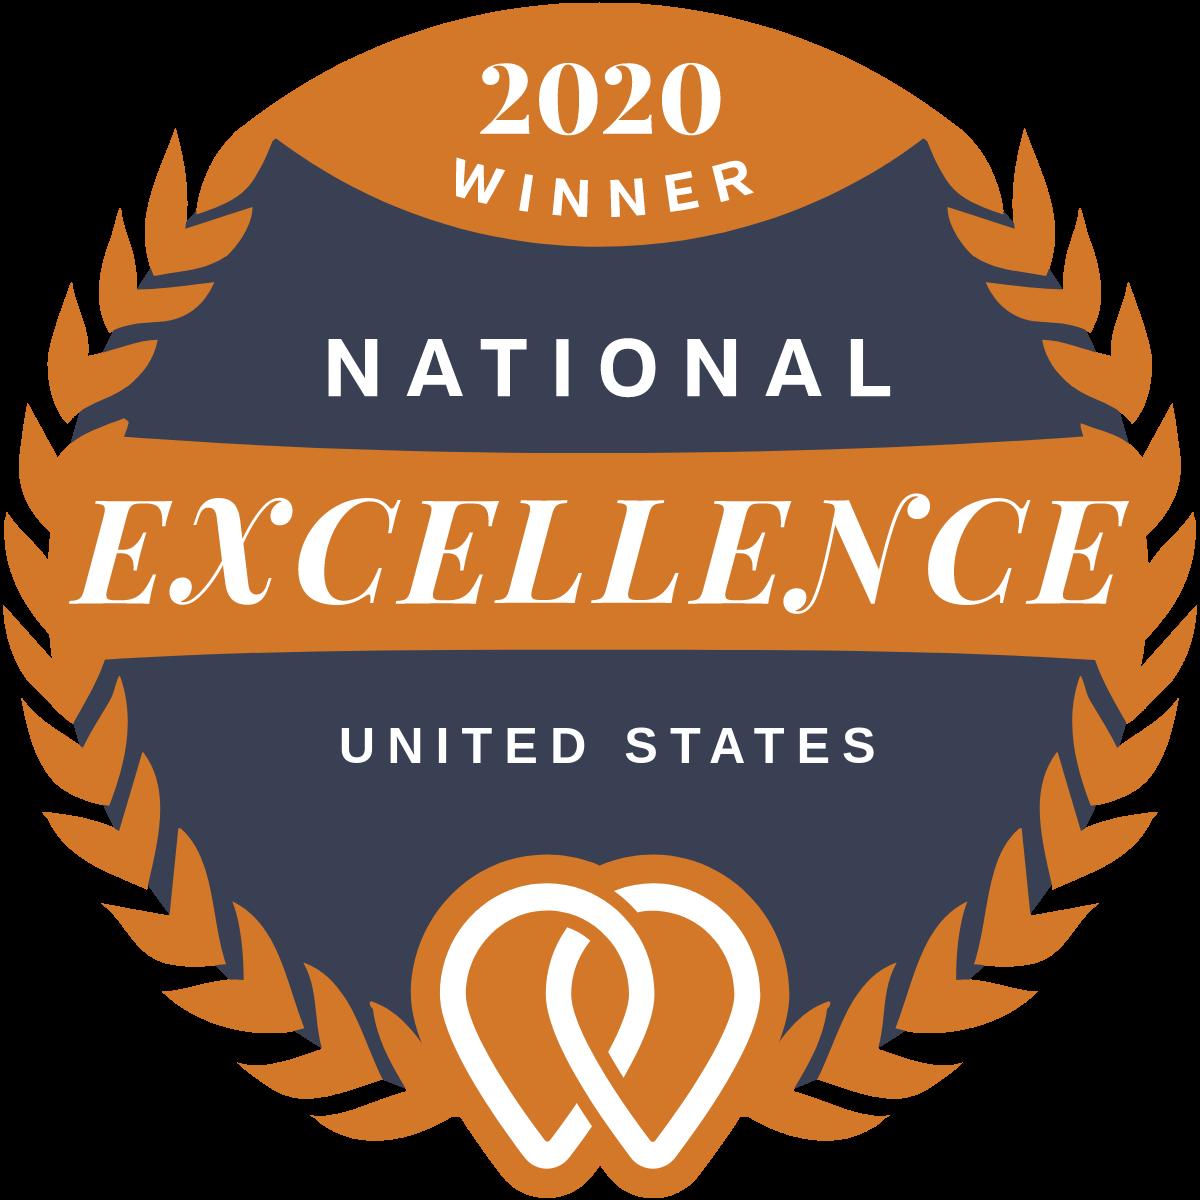 Excellence Award Winner 2020